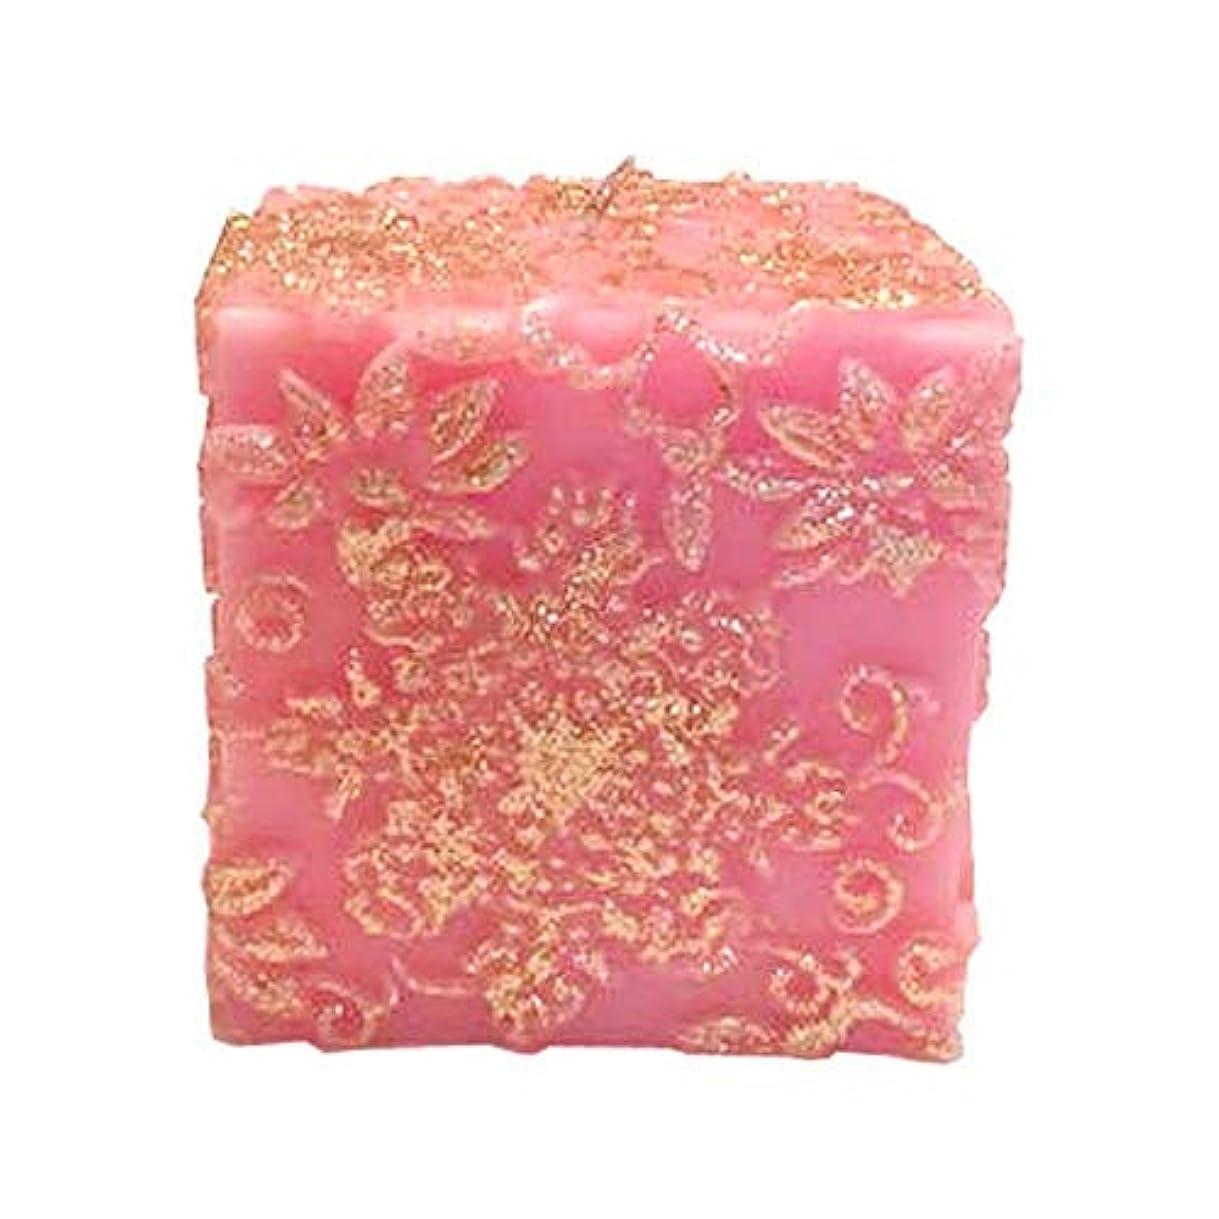 正気パンサー飲食店スノーフレークフラワー Cube (Pink×Gold Gliter)